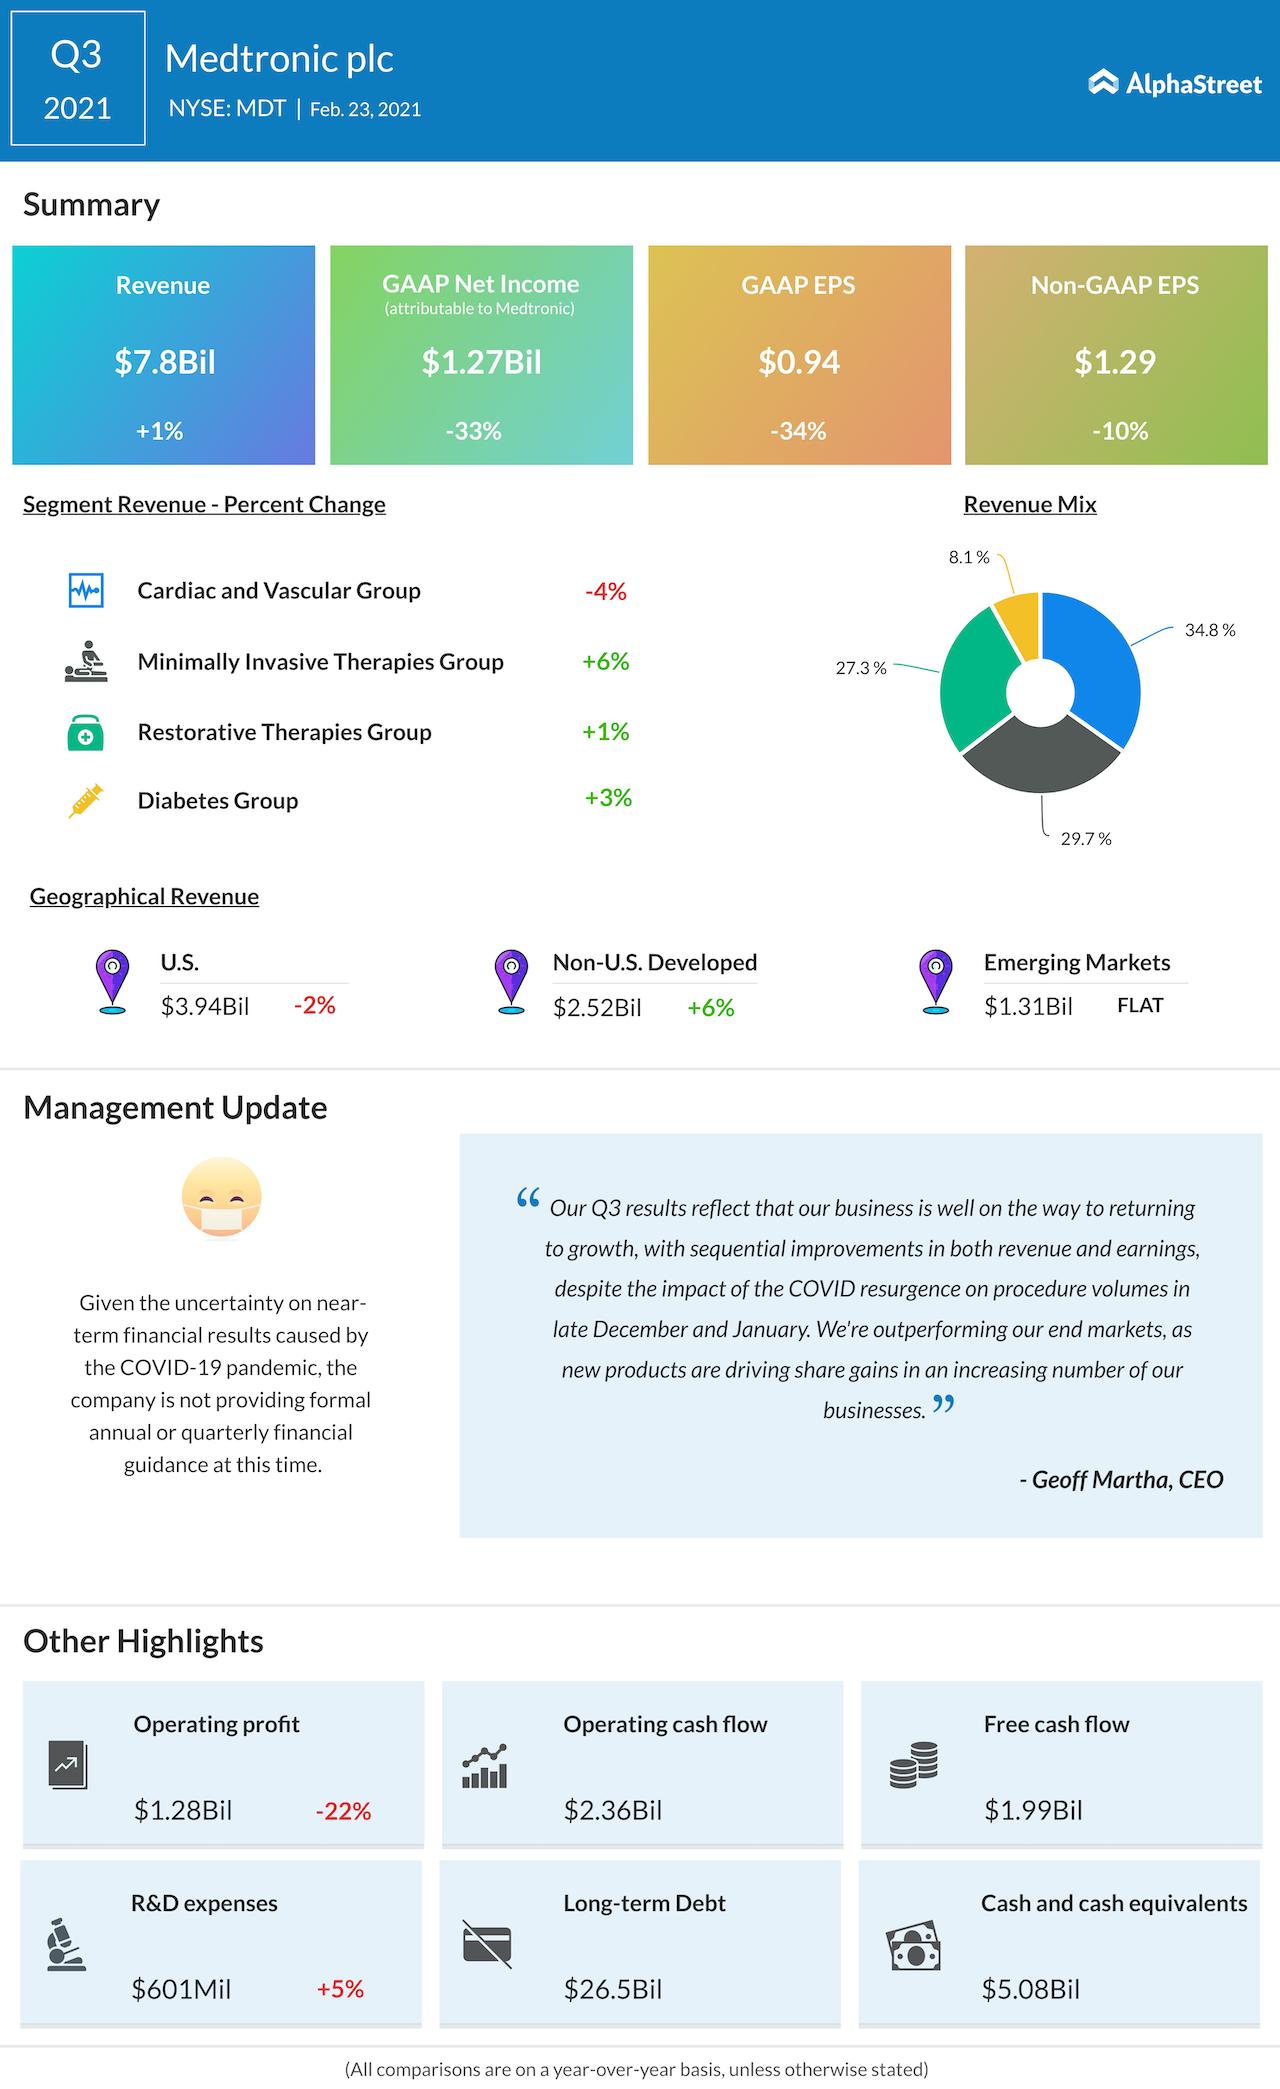 Medtronic Q3 2021 earnings